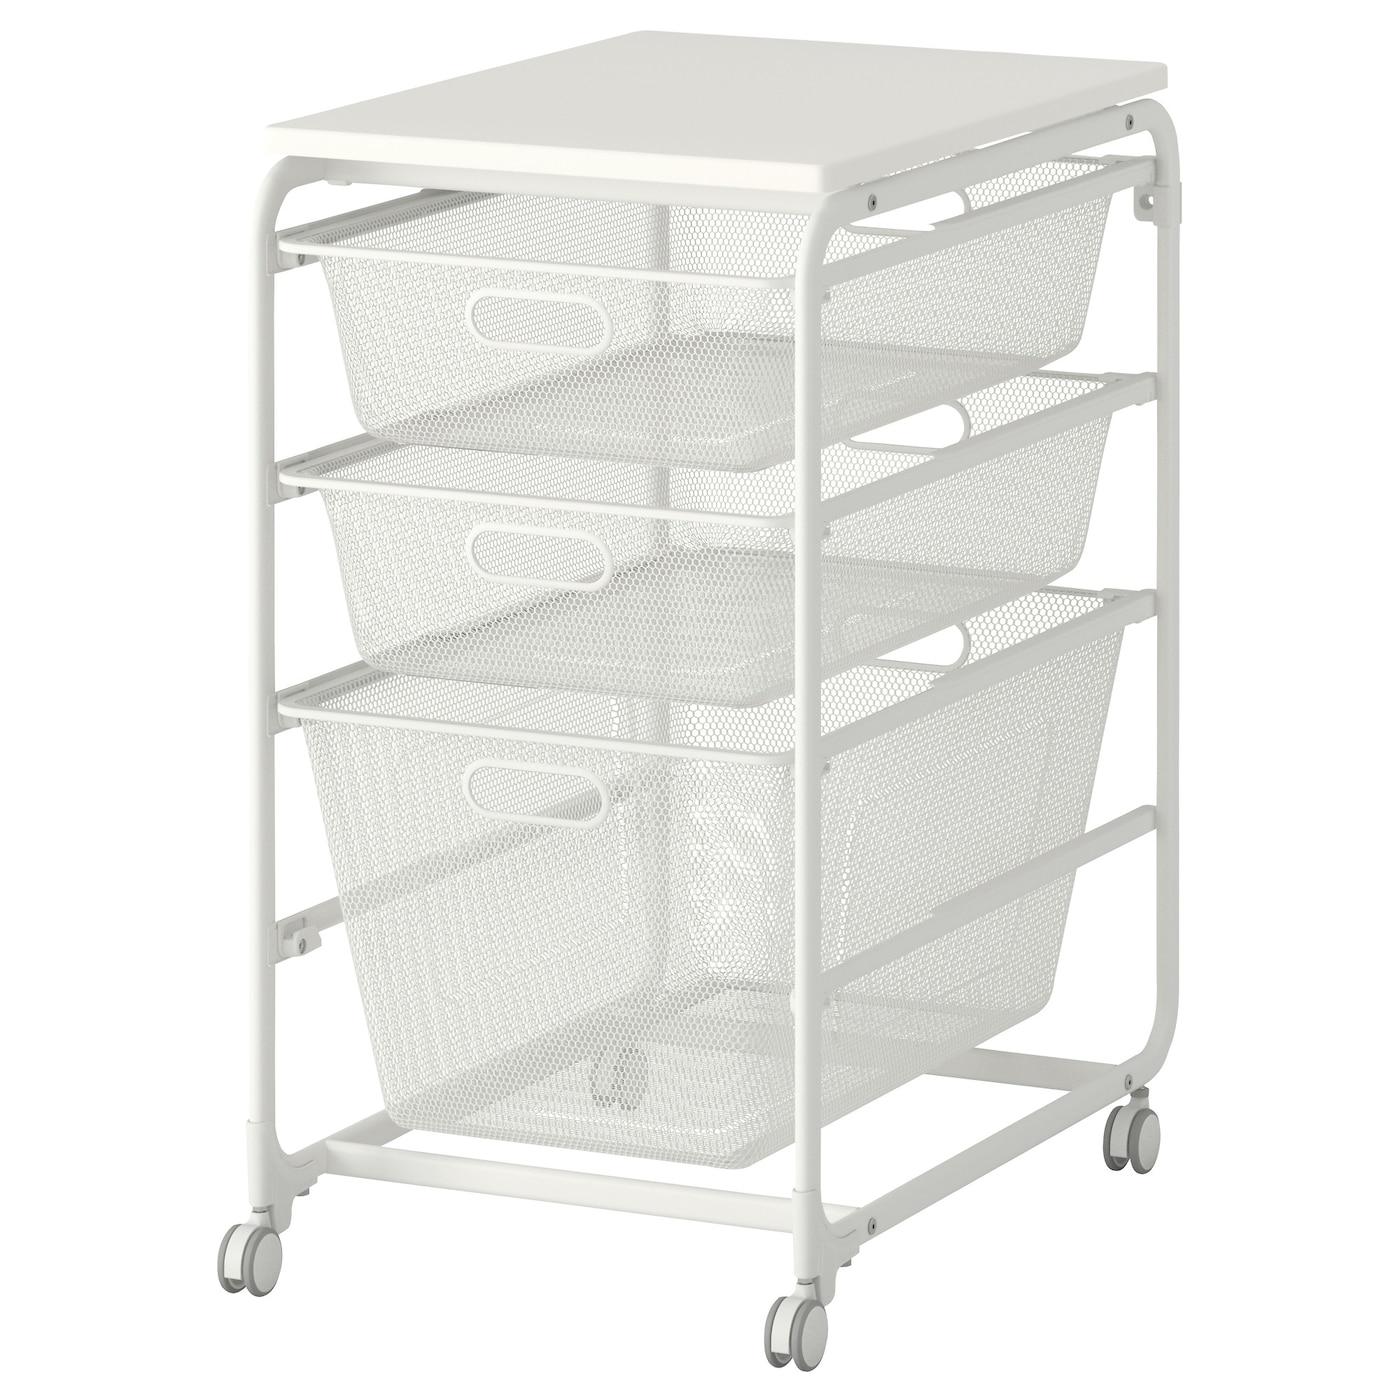 Algot frame mesh baskets top shelf castor white 41x60x78 for Cajonera metalica ikea